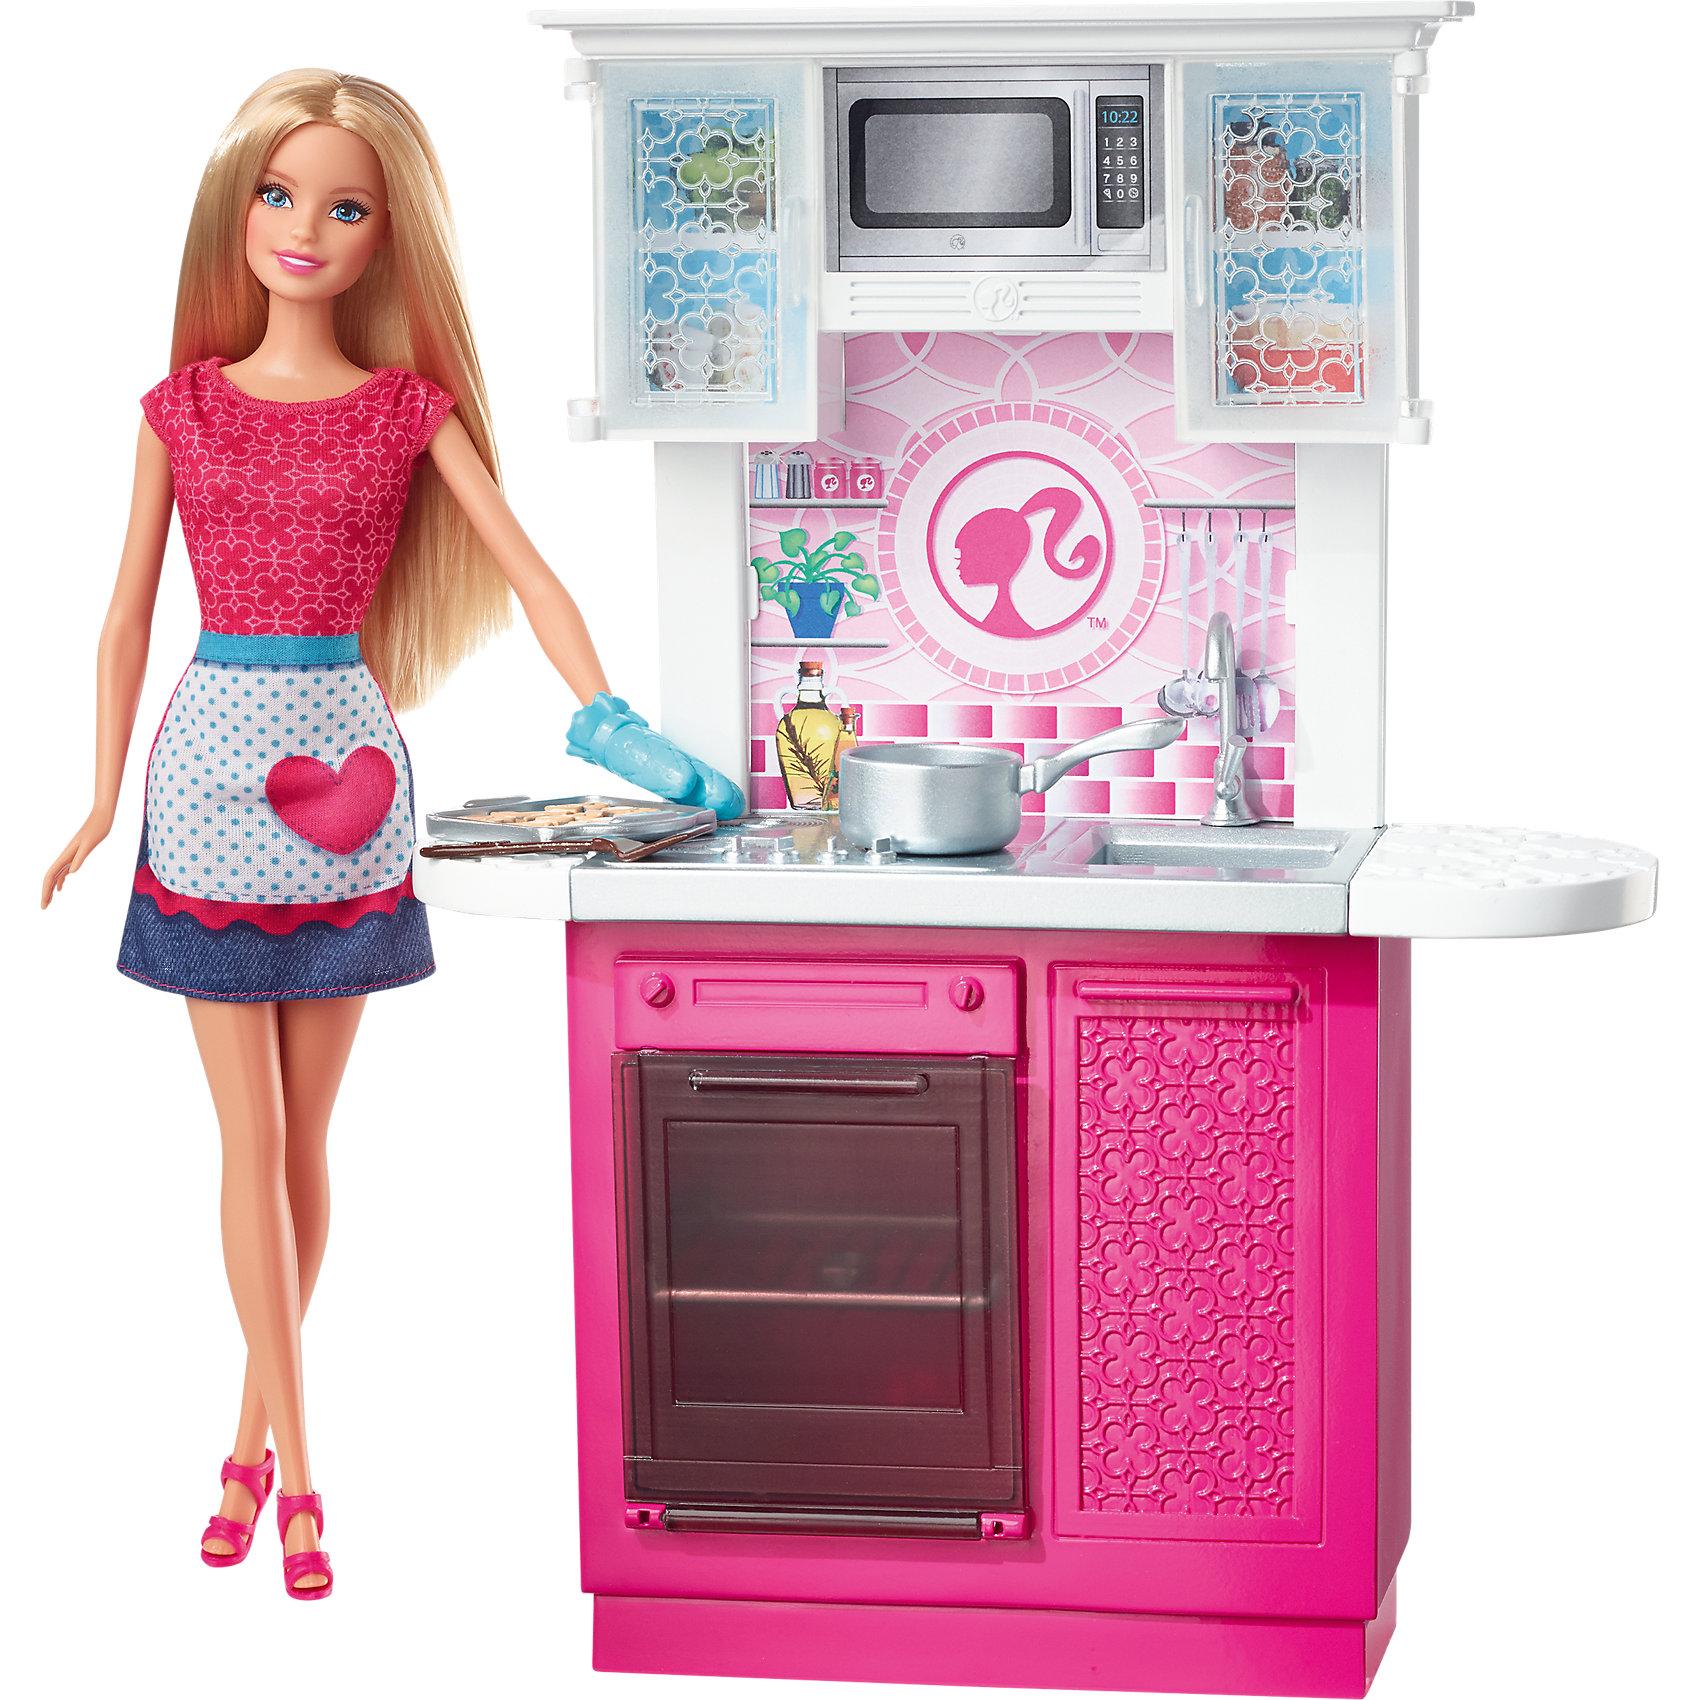 Кукла + Комплект мебели Роскошная кухня, BarbieХарактеристики товара:<br><br>• комплектация: кукла, плита и духовка, раковина, шкафчики<br>• материал: пластик, текстиль<br>• высота куклы: 28 см<br>• размер упаковки: 33х9х33 см<br>• упаковка: блистер<br>• возраст: от трех лет<br>• страна производства: Китай<br>• страна бренда: США<br><br>Эта Барби и симпатичный набор мебели поможет разнообразить игры с любимой куклой! В него входят вещи для организации кукле комфортного жизненного пространства. Этот комплект станет великолепным подарком для девочек!<br><br>Куклы - это не только весело, они помогают девочкам развить вкус и чувство стиля, отработать сценарии поведения в обществе, развить воображение и мелкую моторику. Кукла Barbie от бренда Mattel не перестает быть популярной! <br><br>Куклу + Комплект мебели Роскошная кухня от компании Mattel можно купить в нашем интернет-магазине.<br><br>Ширина мм: 331<br>Глубина мм: 335<br>Высота мм: 96<br>Вес г: 749<br>Возраст от месяцев: 36<br>Возраст до месяцев: 72<br>Пол: Женский<br>Возраст: Детский<br>SKU: 3939441